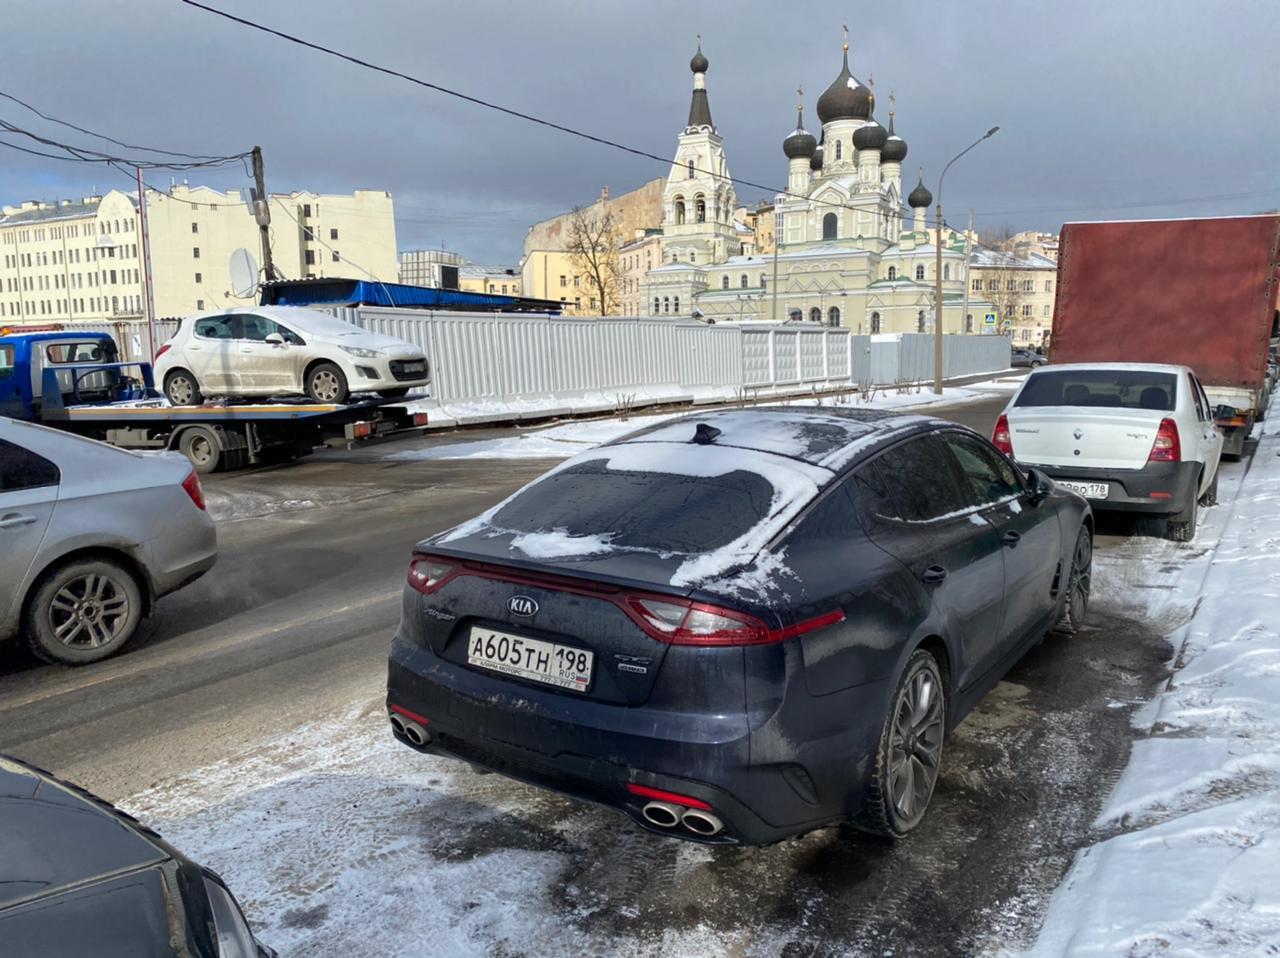 С 12-го до 23:55 19-го апреля в городе Кудрово от дома 5/2 по Столичной улице был угнан автомобиль K...